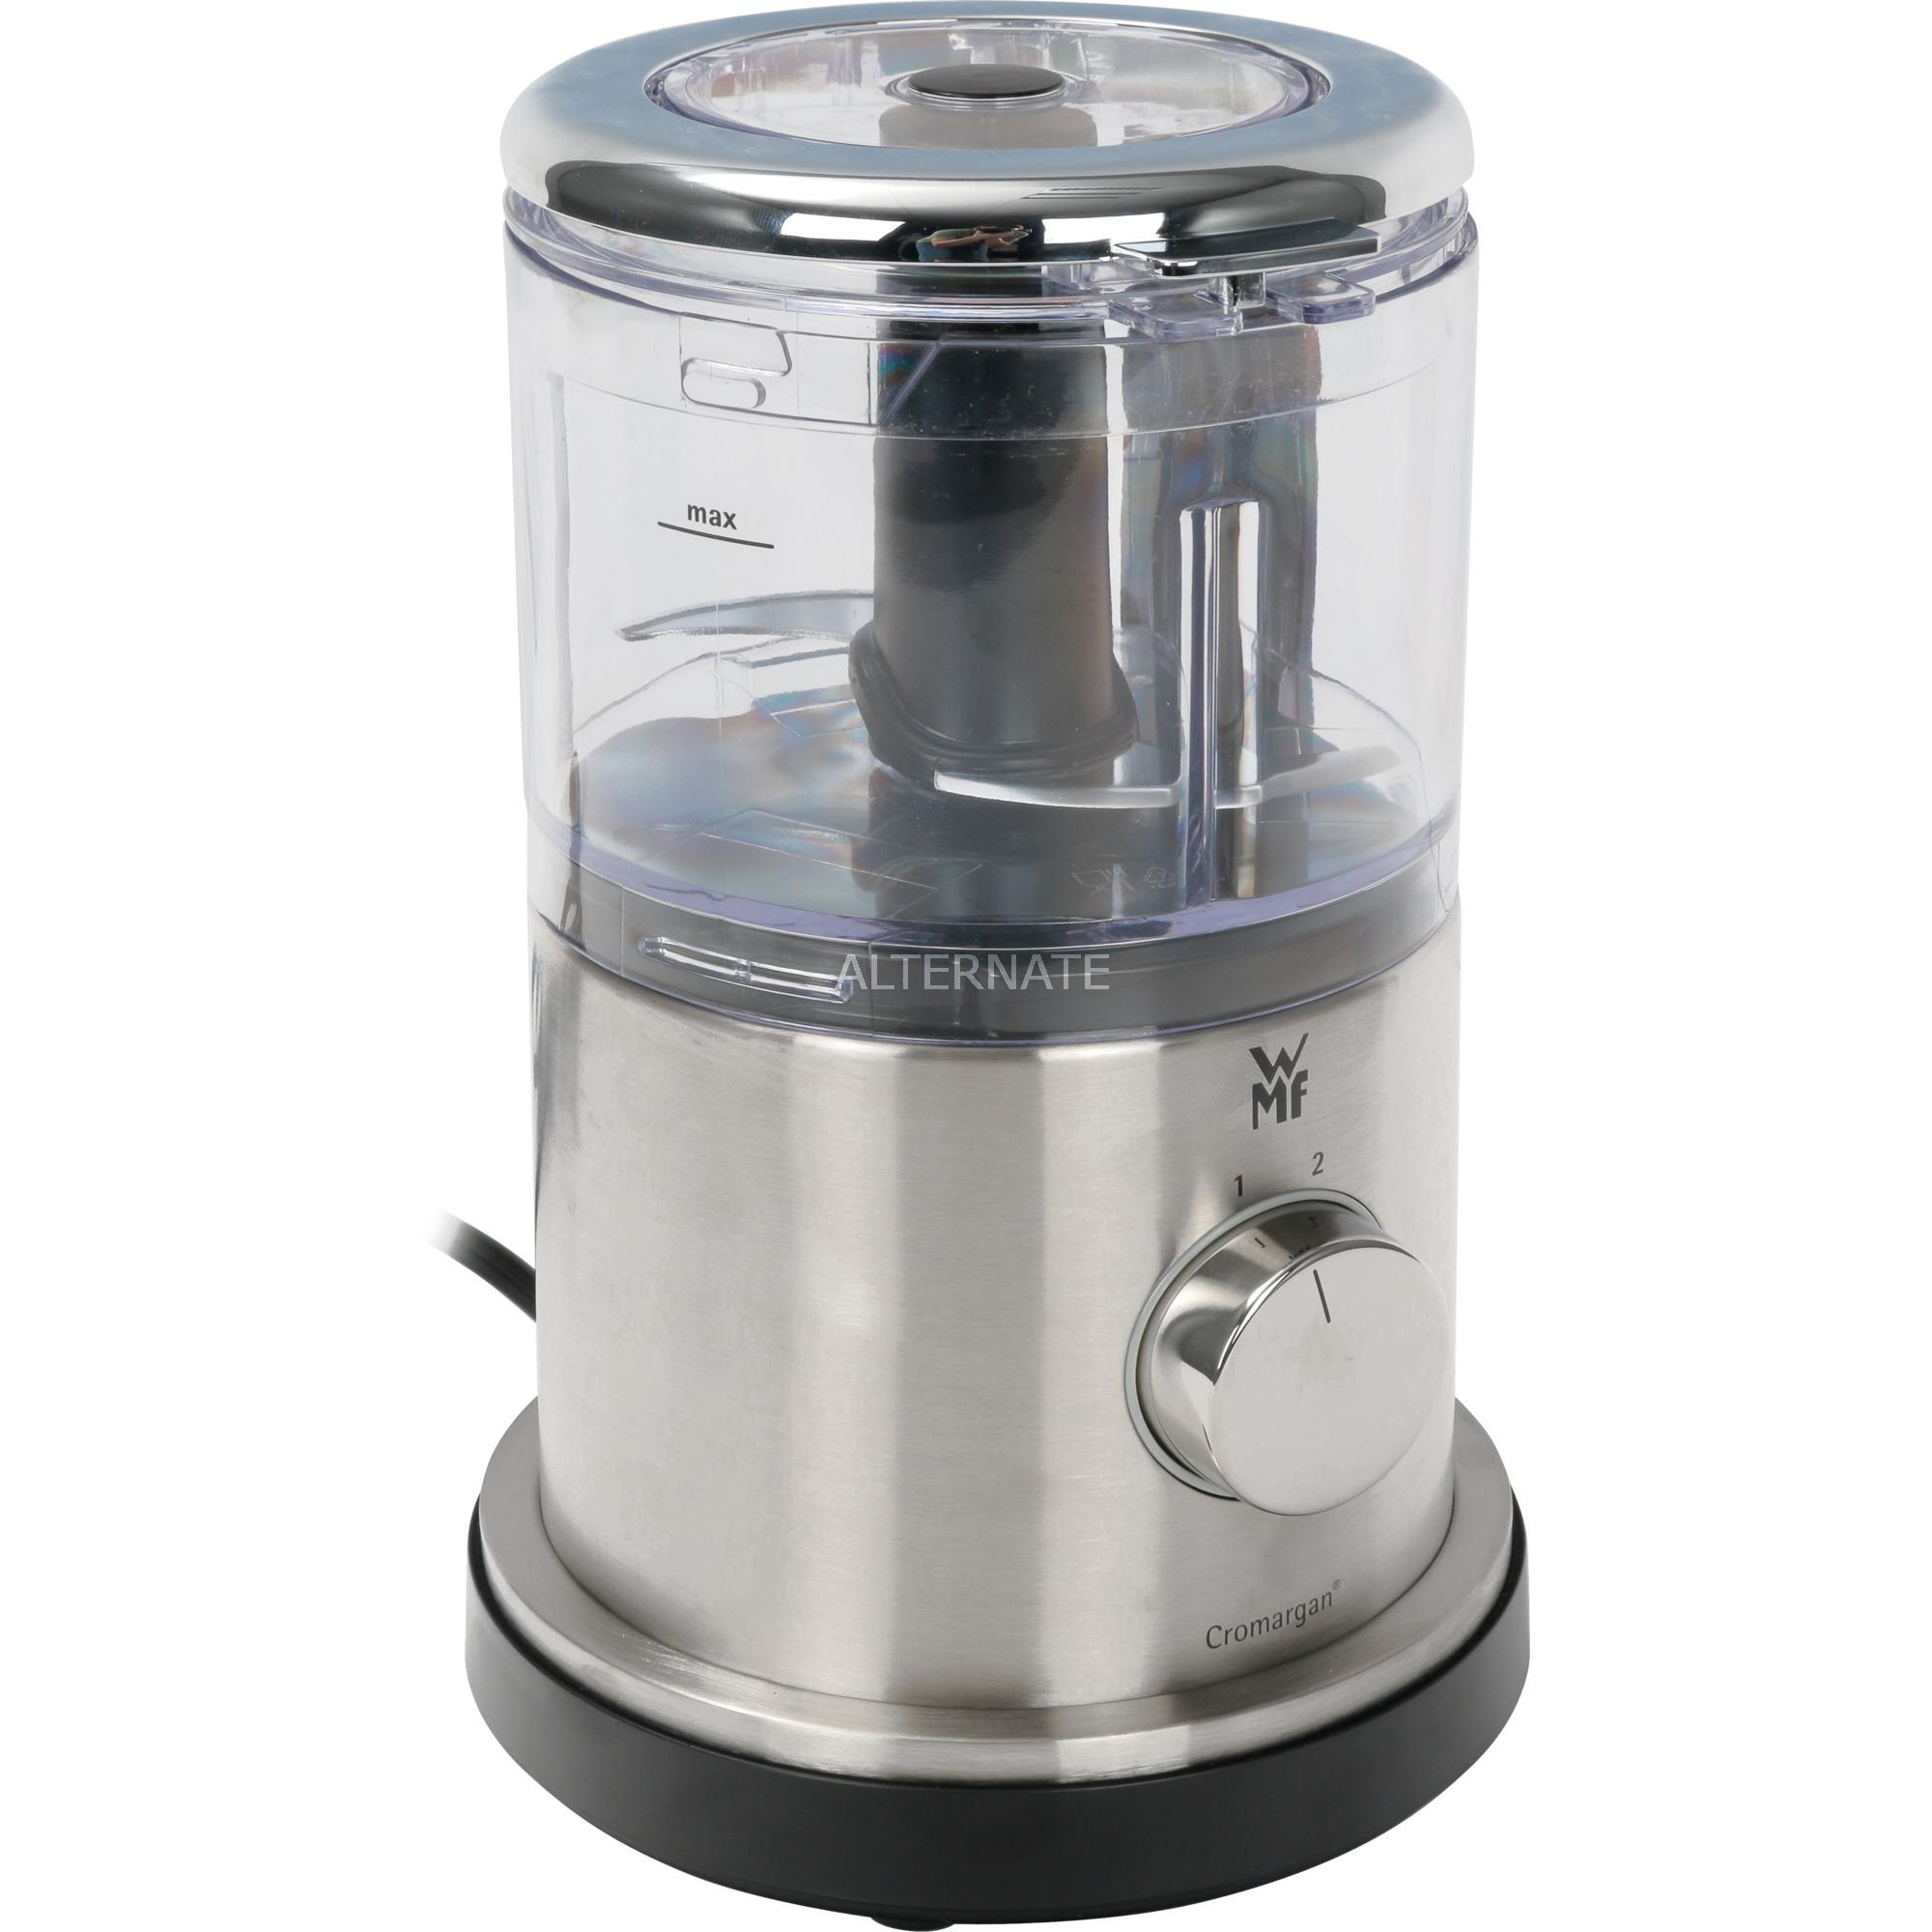 Lineo picadora eléctrica de alimentos 0,5 L Acero inoxidable 500 W, Trituradora